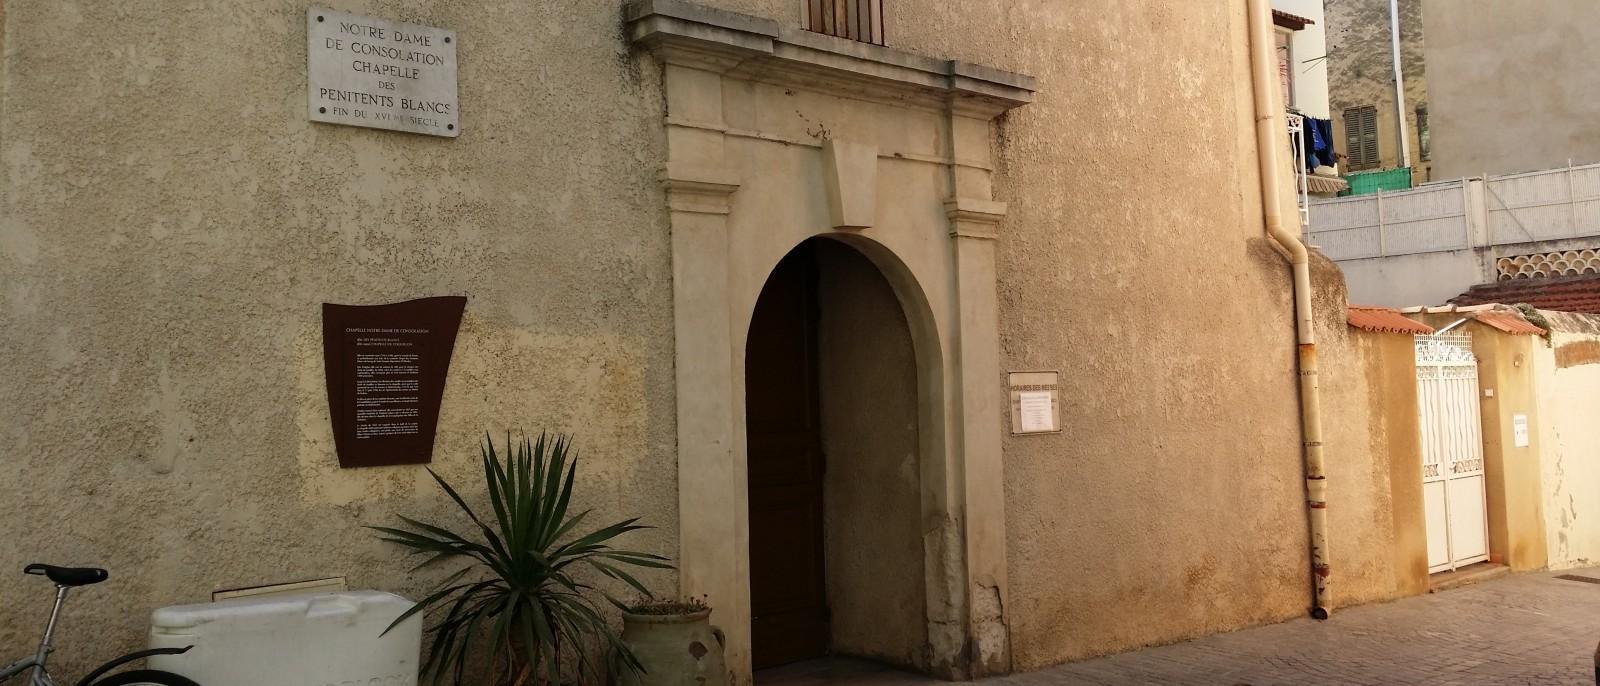 La Chapelle de la Miséricorde